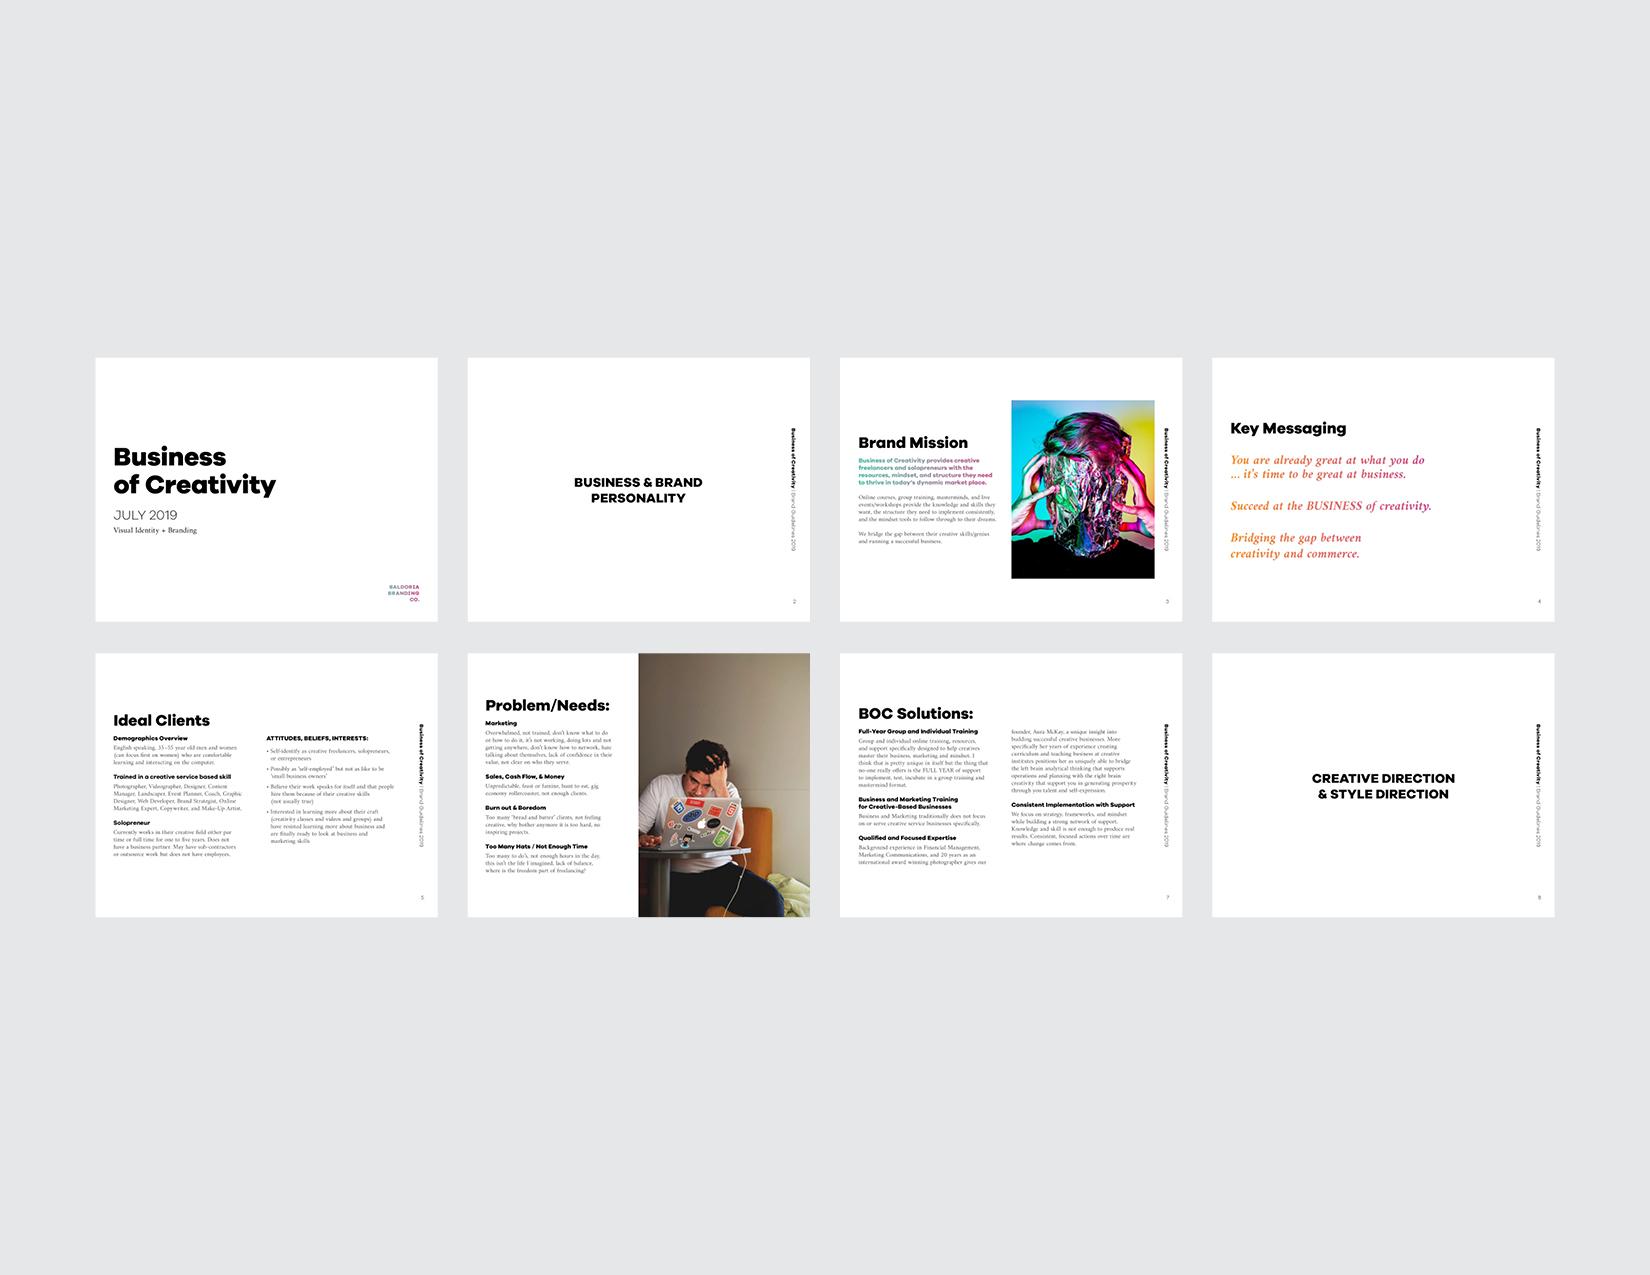 BOC-branding_guidelines-overview.jpg